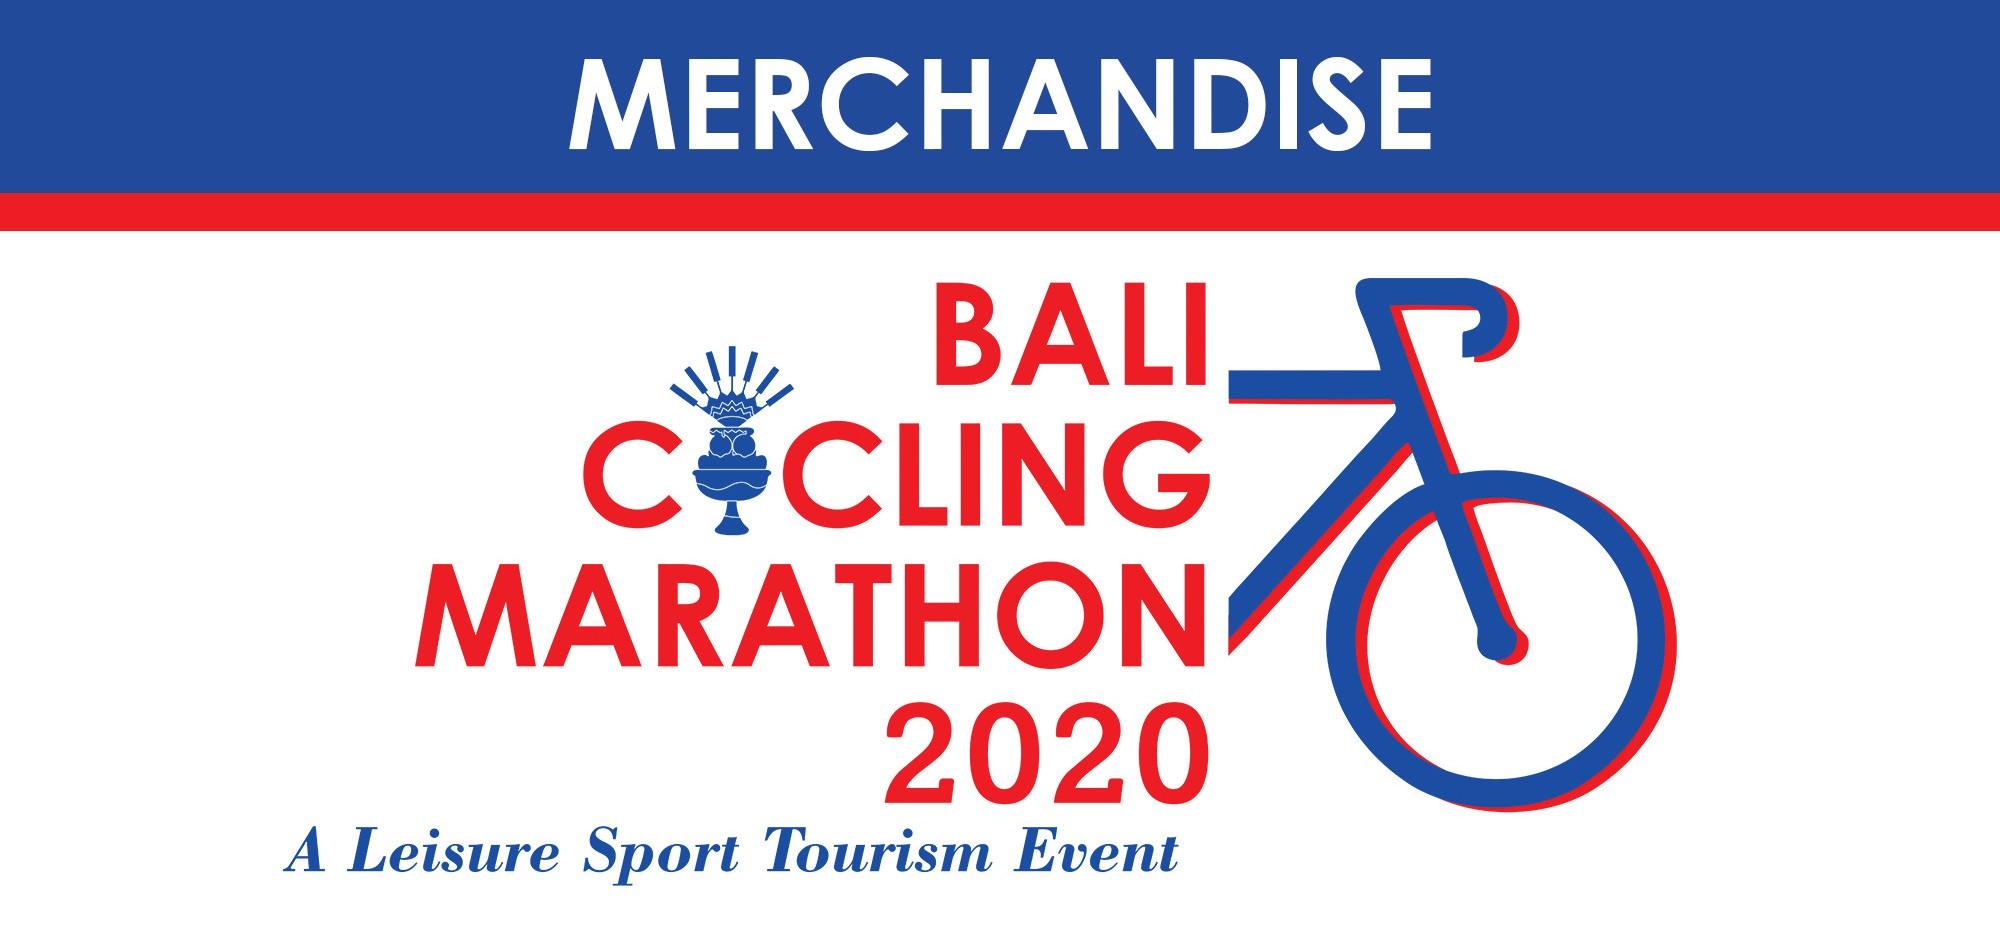 PRE-ORDER ADD ON MERCHANDISE :: BALI CYCLING MARATHON 2020